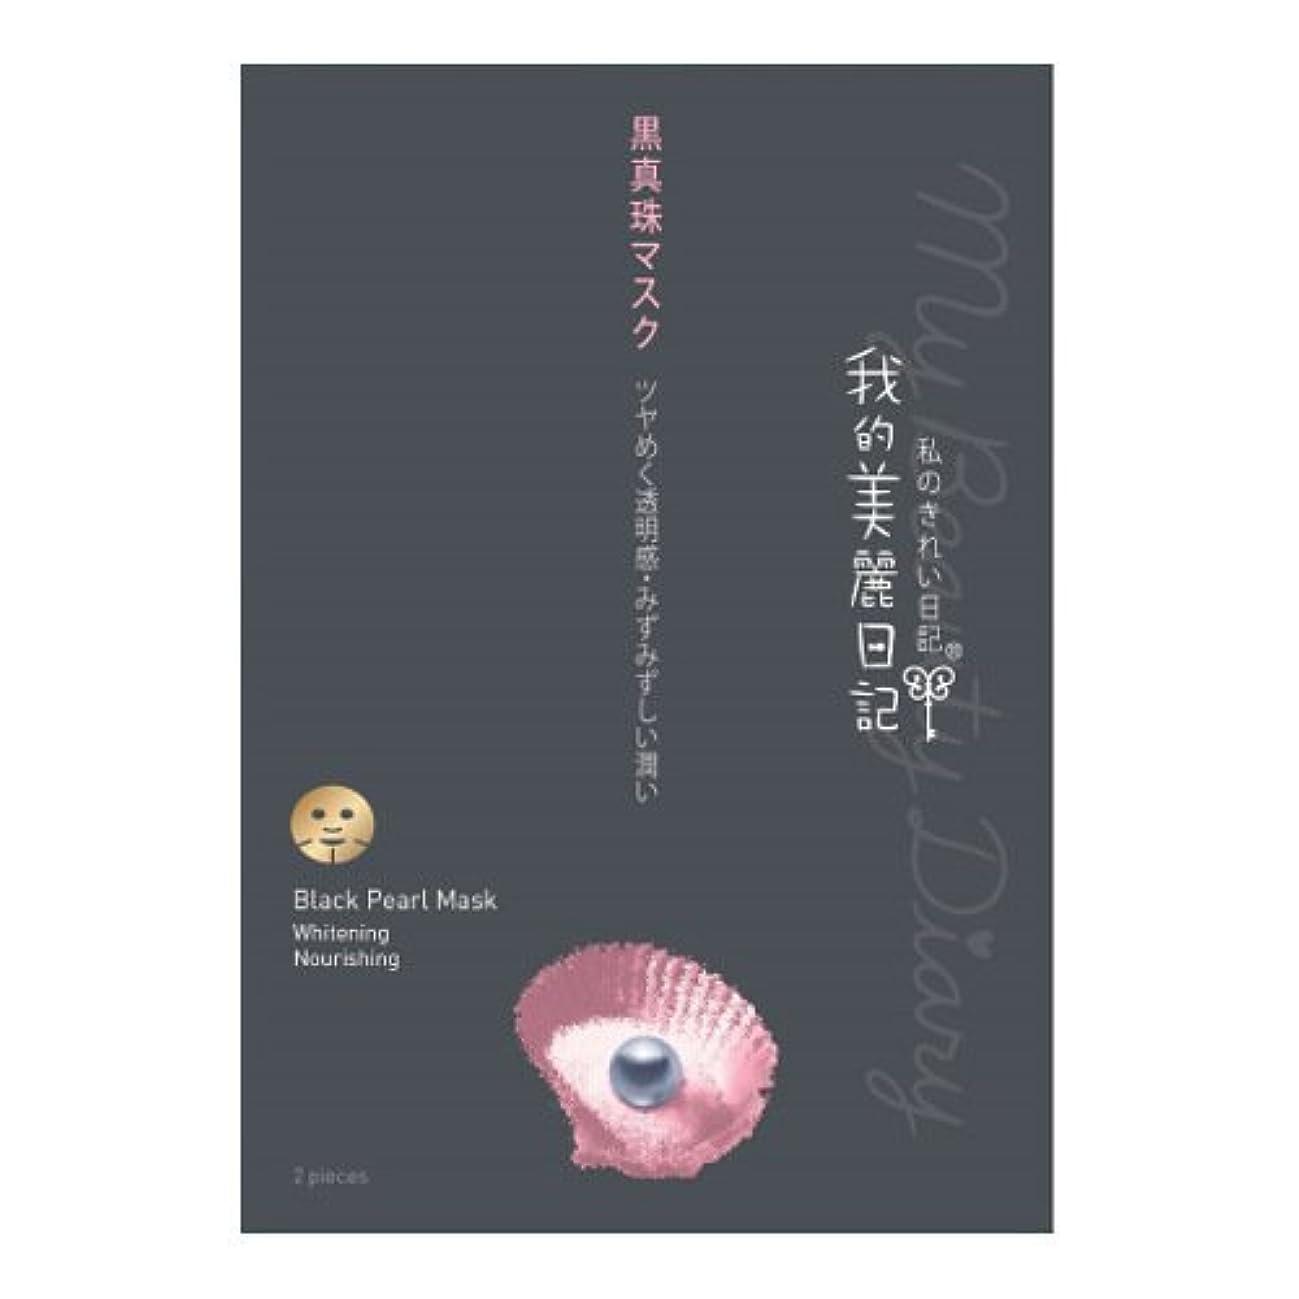 近く悪い検索我的美麗日記 私のきれい日記 黒真珠マスク 23ml×2枚